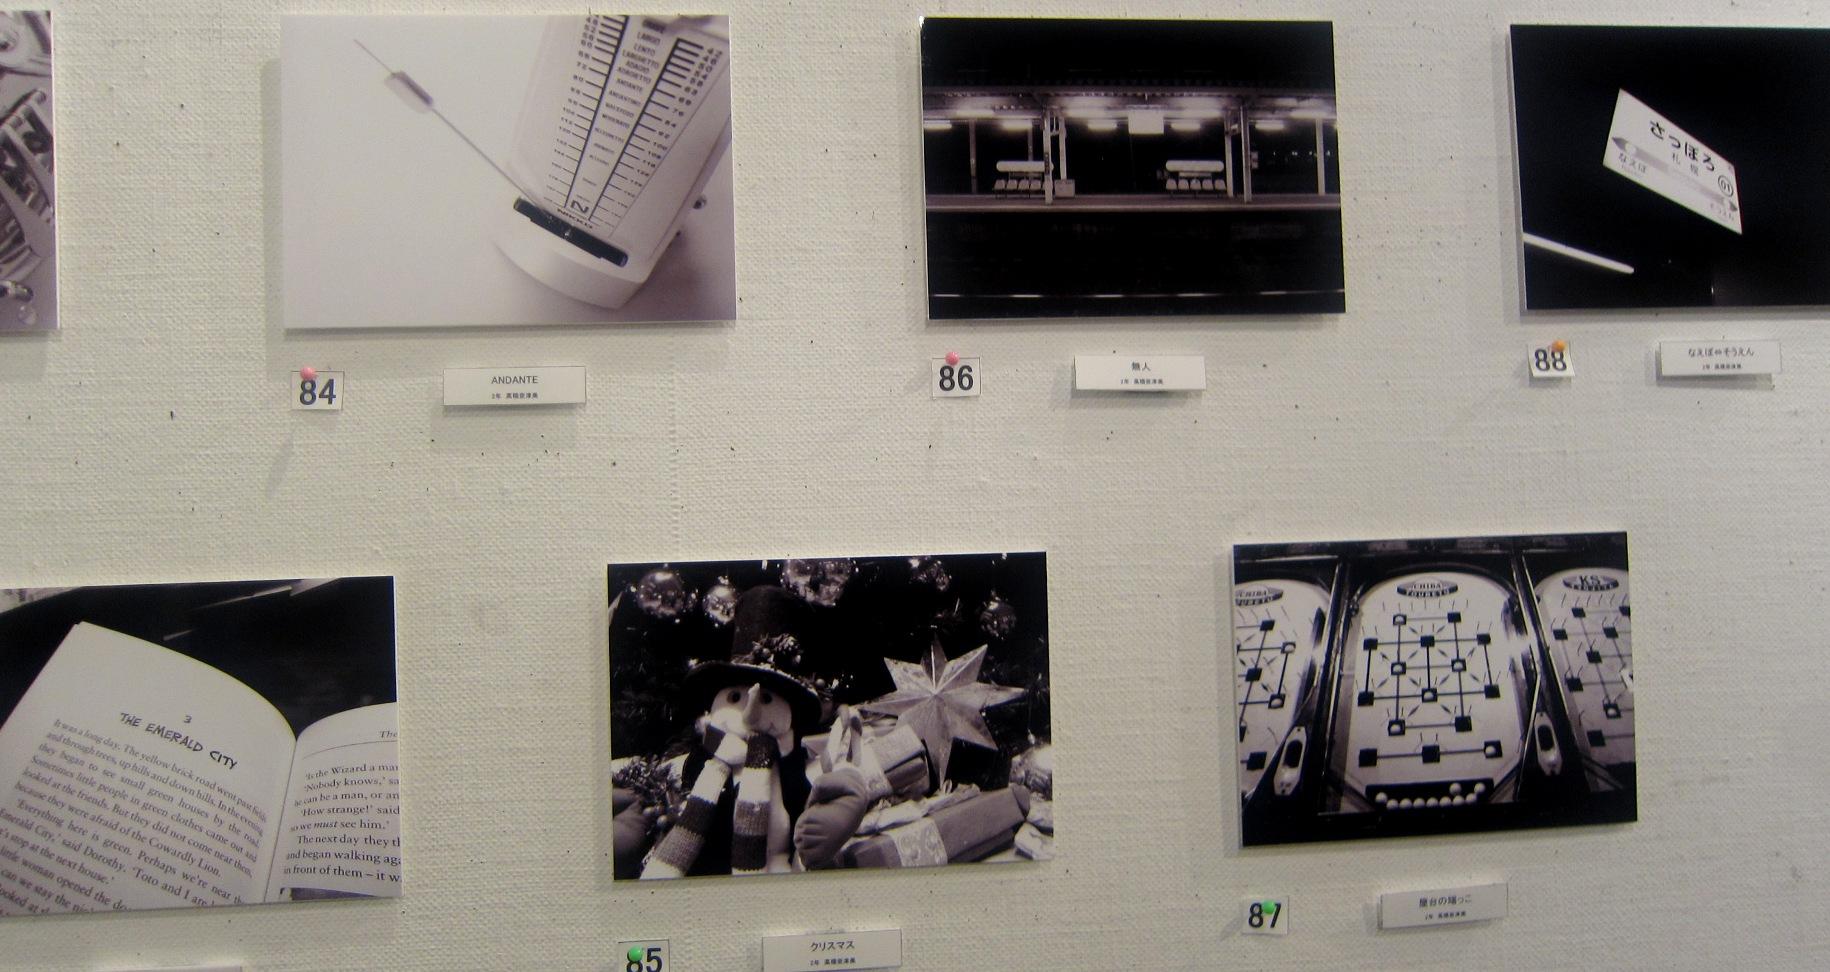 1944)②「札幌大学写真部 卒業写真展 & 学外写真展」 市民g. 終了2月20日(水)~2月24日(日) _f0126829_21304015.jpg